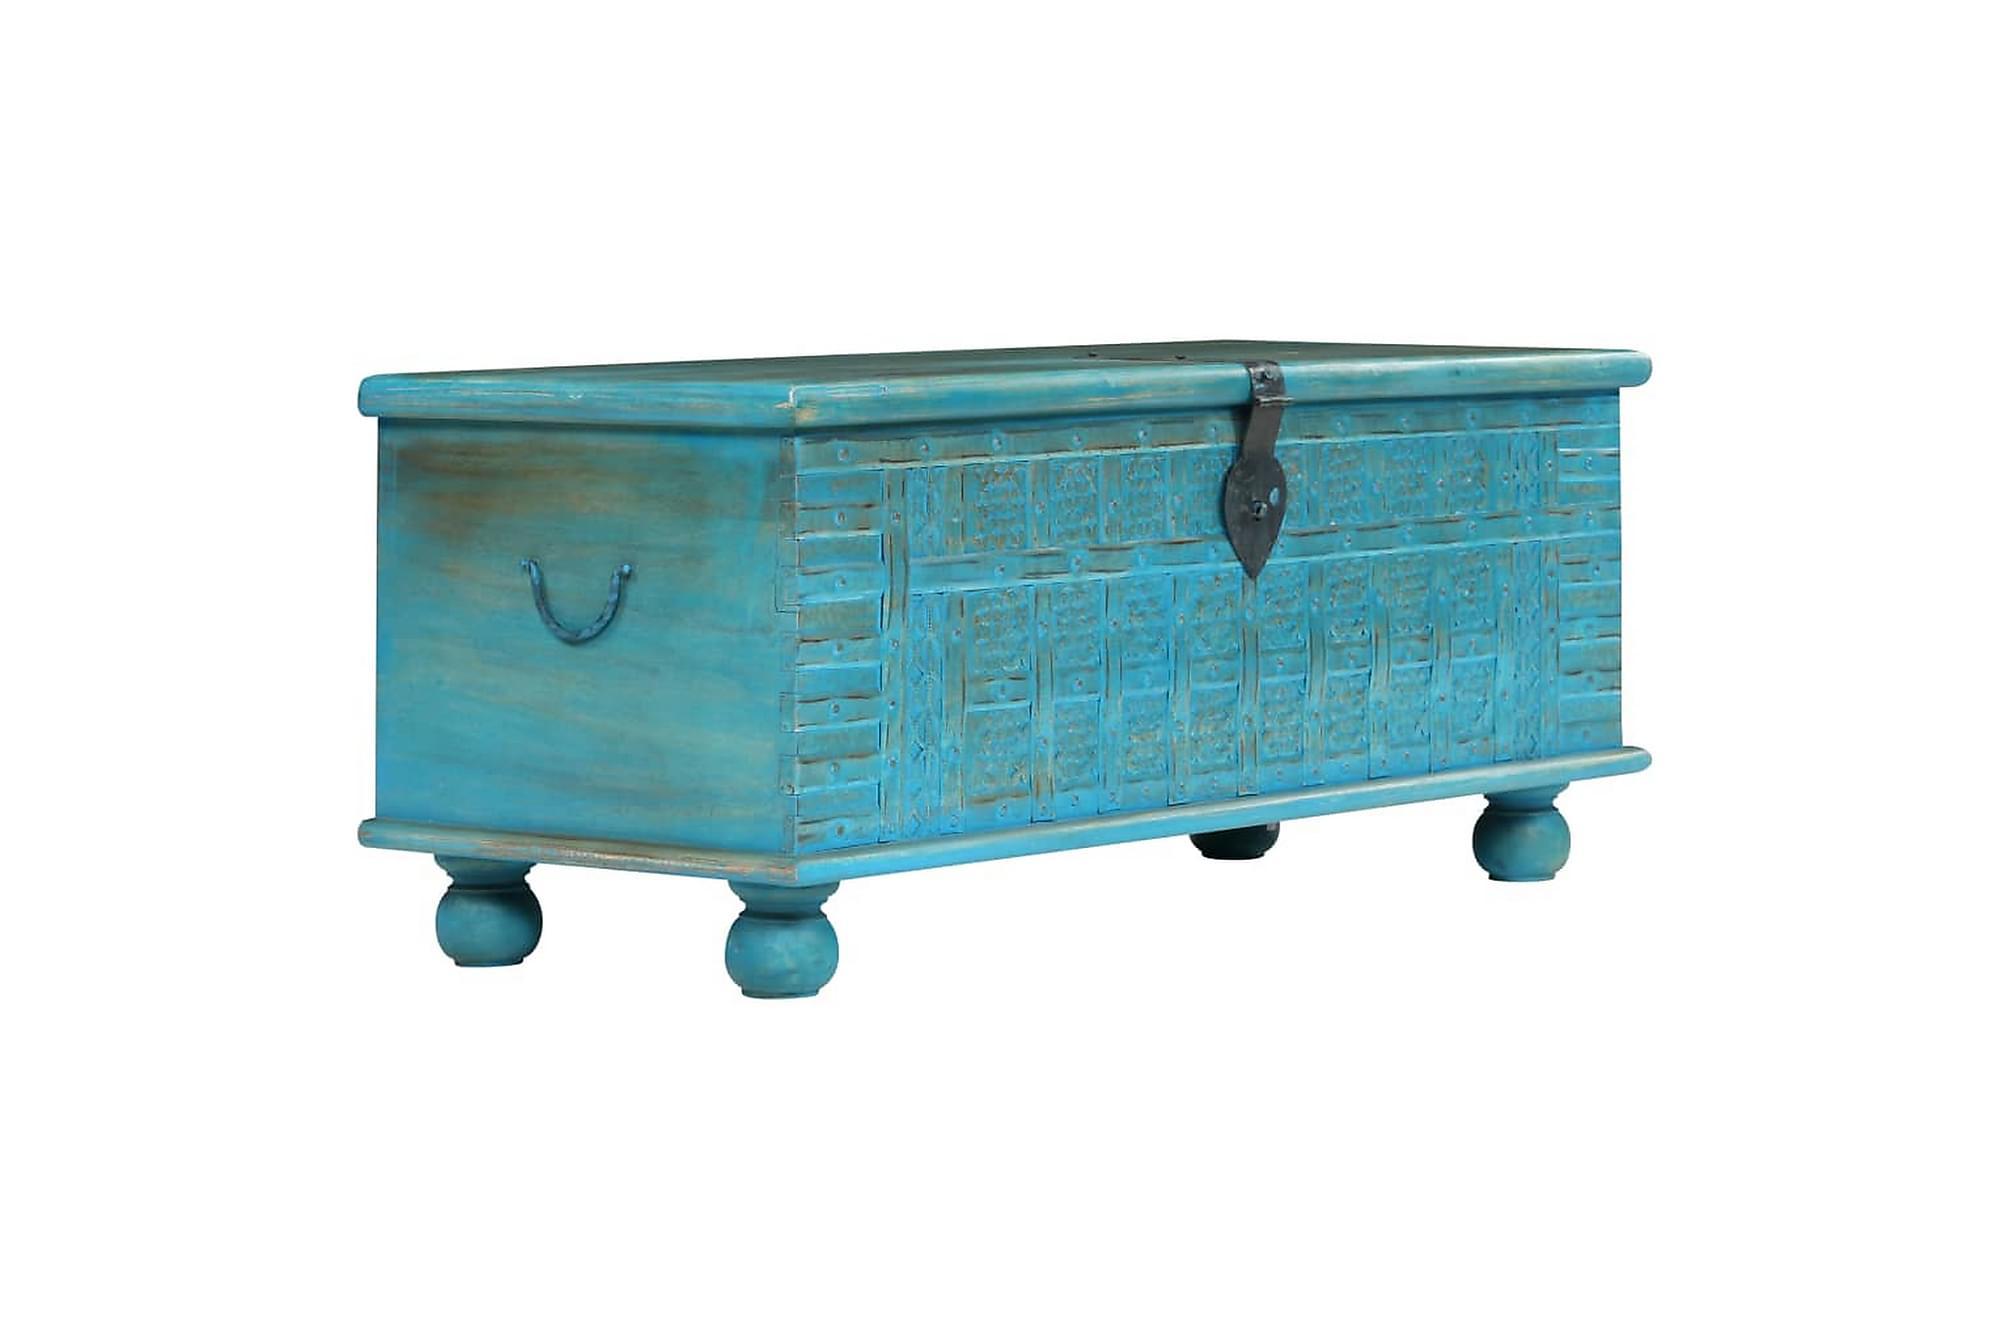 Förvaringskista massivt mangoträ 100x40x41 cm blå